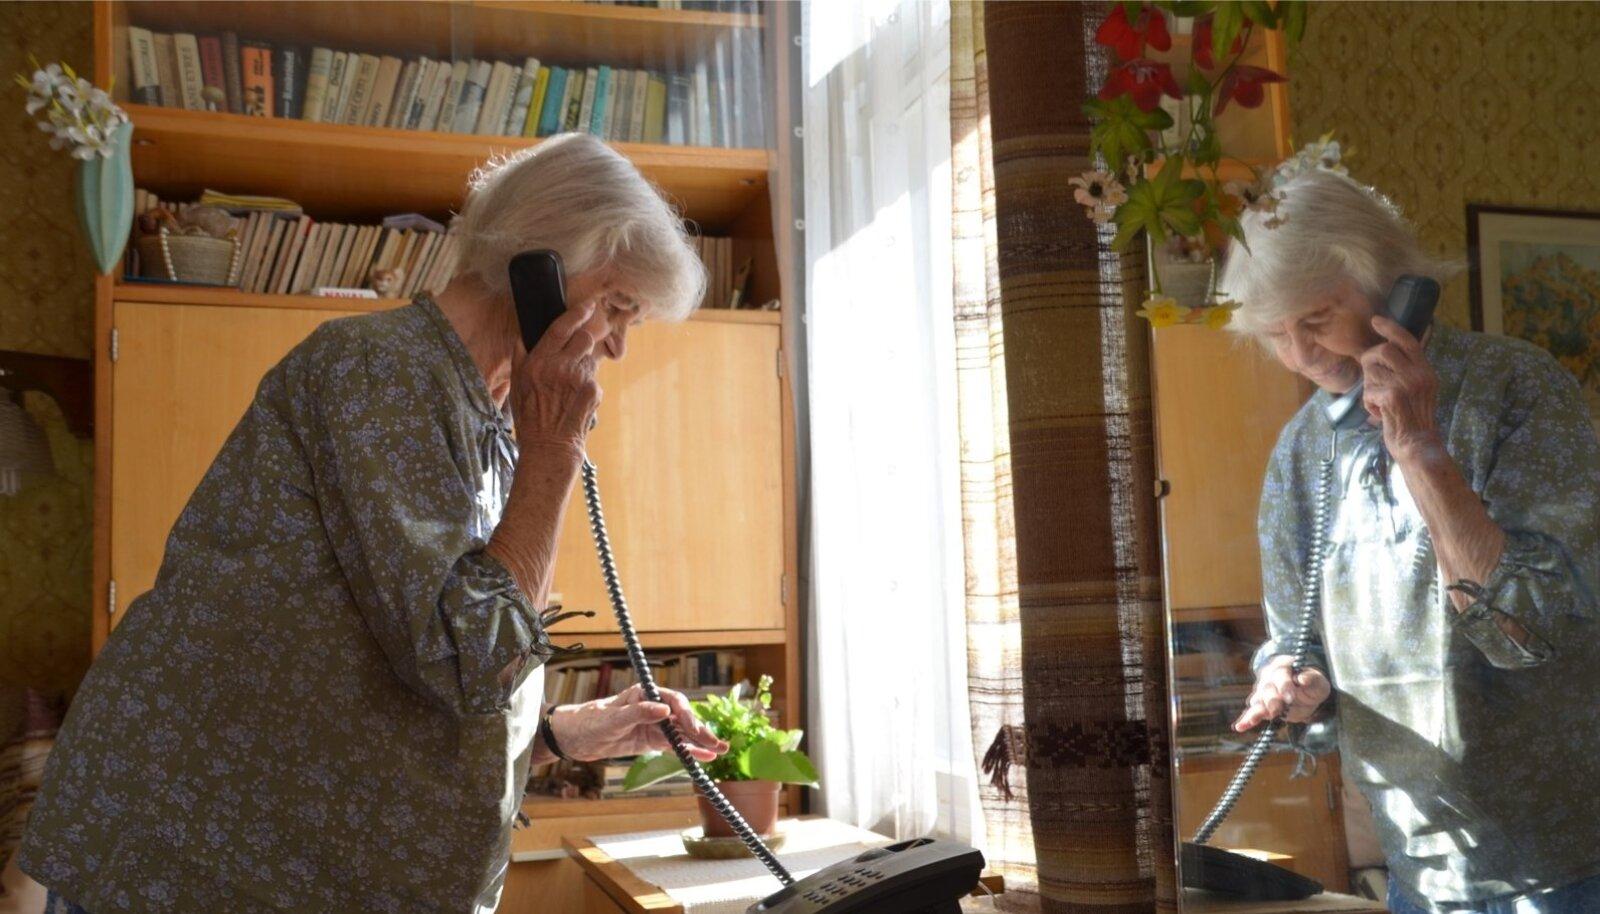 Tartus elav Aino on jäänud lauatelefonile truuks, kuid nüüd käivad tema kõnedvalge ruuteri kaudu. Kvaliteedi üle ta ei kurda, sest muutusega muutus selgemaks ka teleripilt.